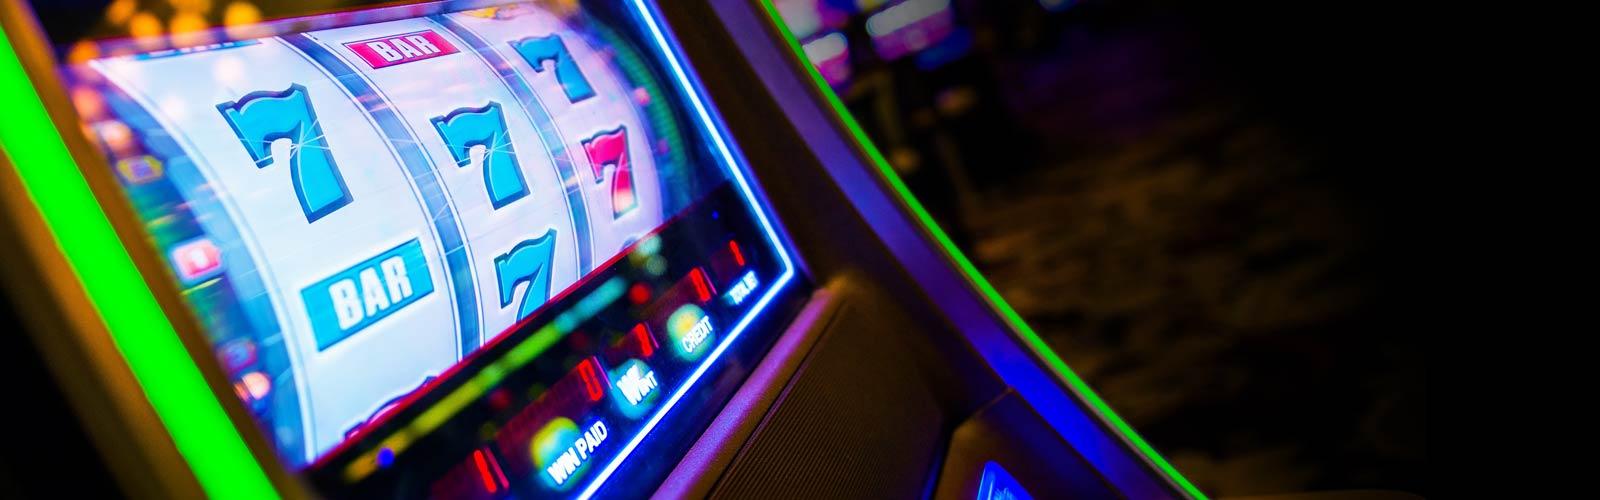 Slots Bar Machines: Maquinas tragaperras en Zaragoza